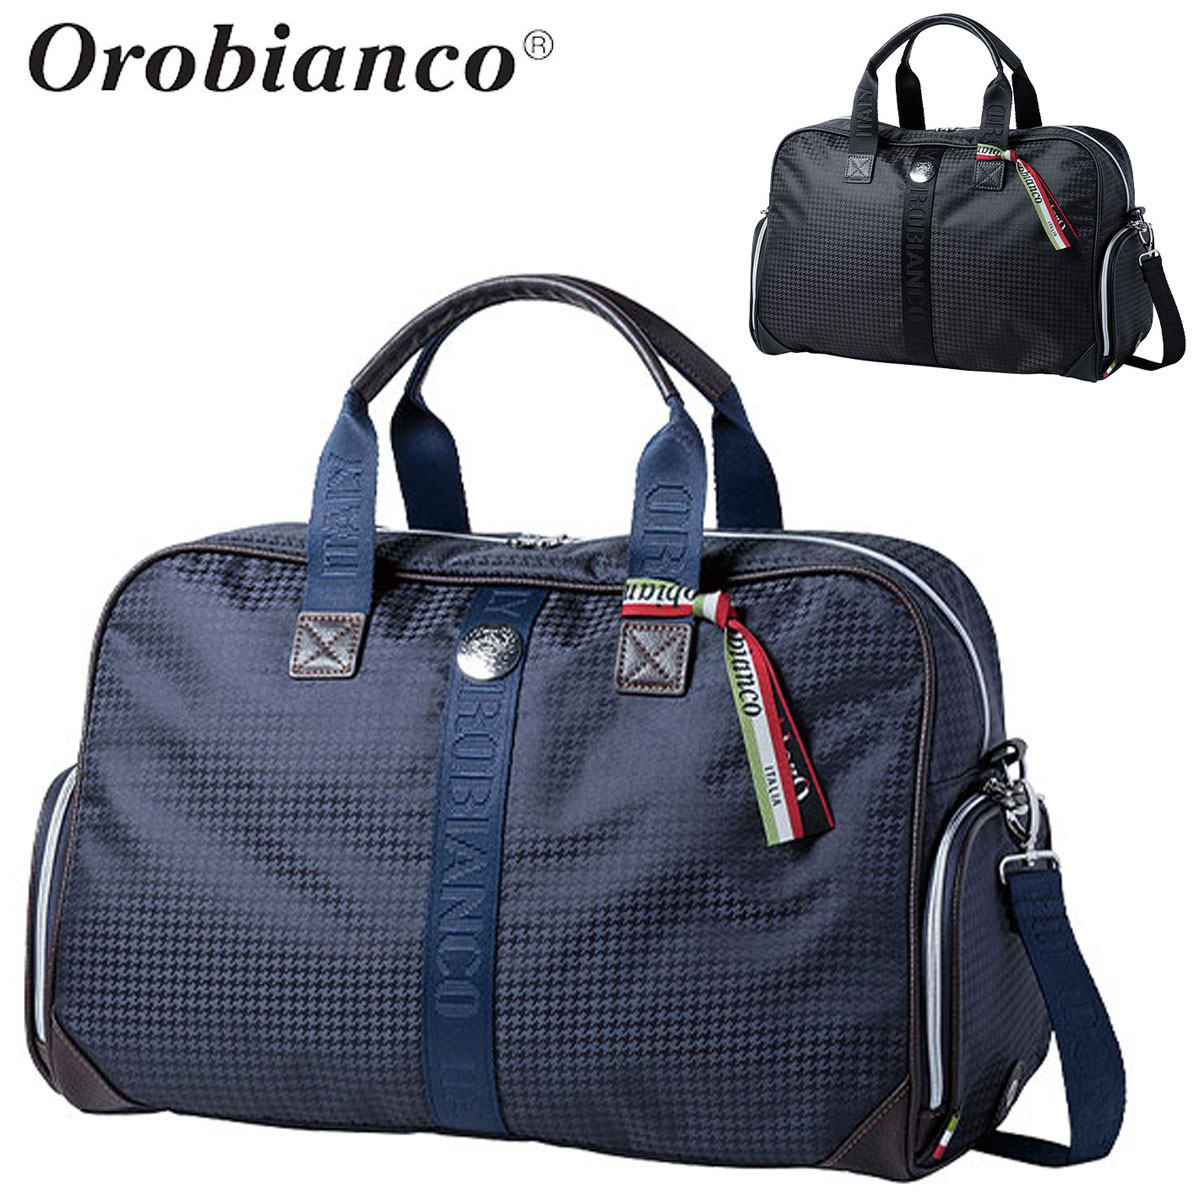 【【最大3300円OFFクーポン】】Orobianco(オロビアンコ)日本正規品 ボストンバッグ 2020新製品 「ORB003」 【あす楽対応】